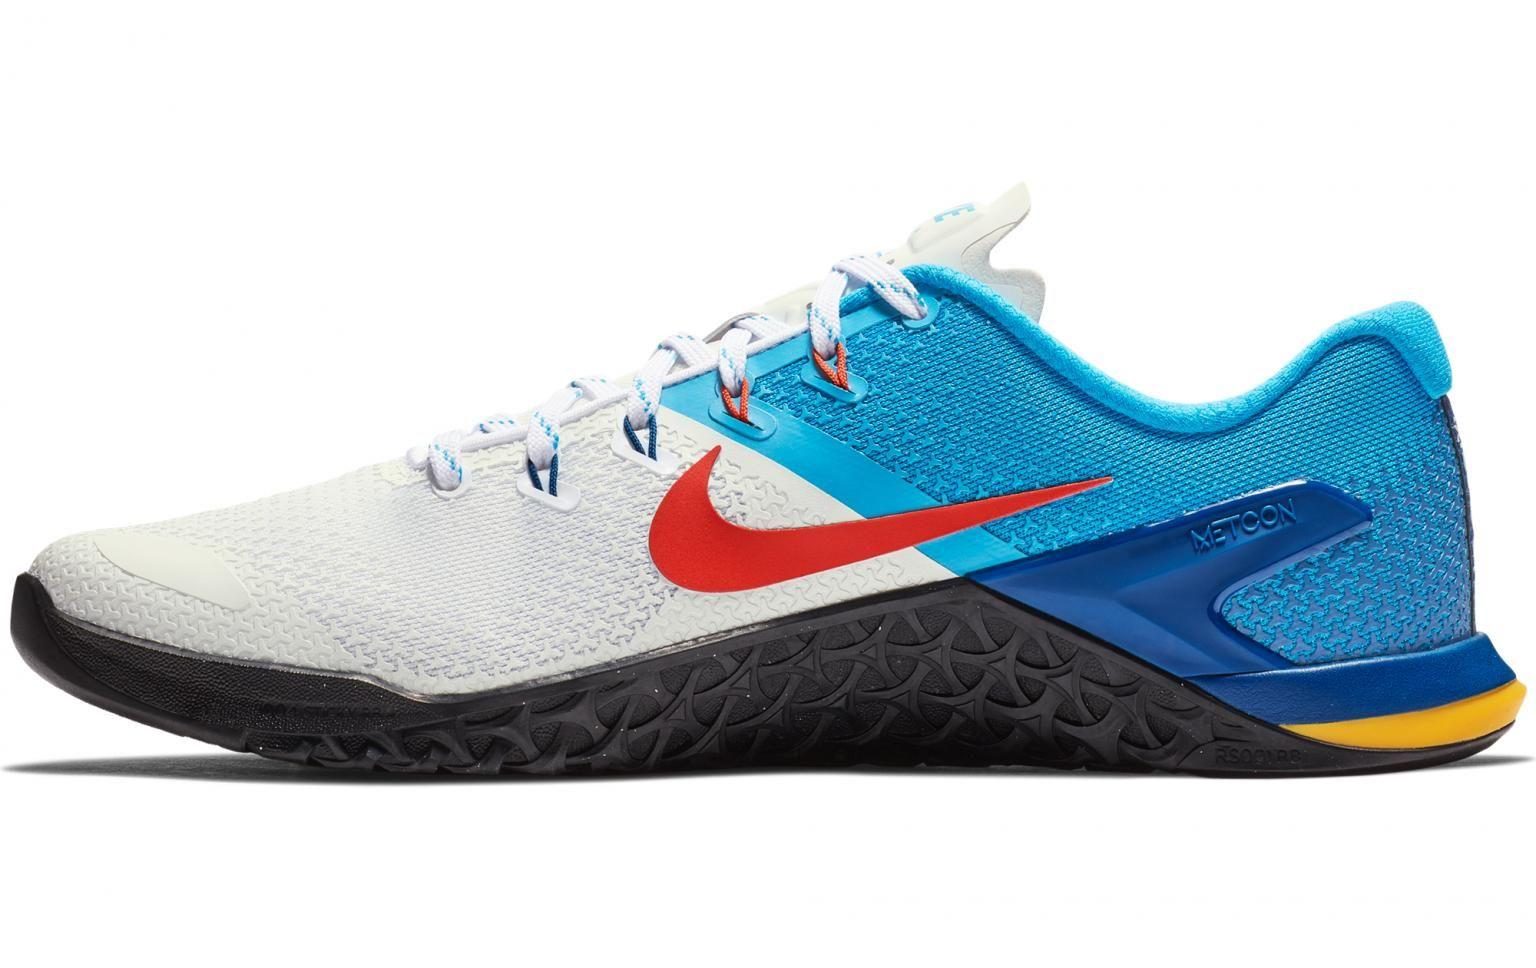 b03c0d3e7228 Nike Metcon 4 - Men s - White